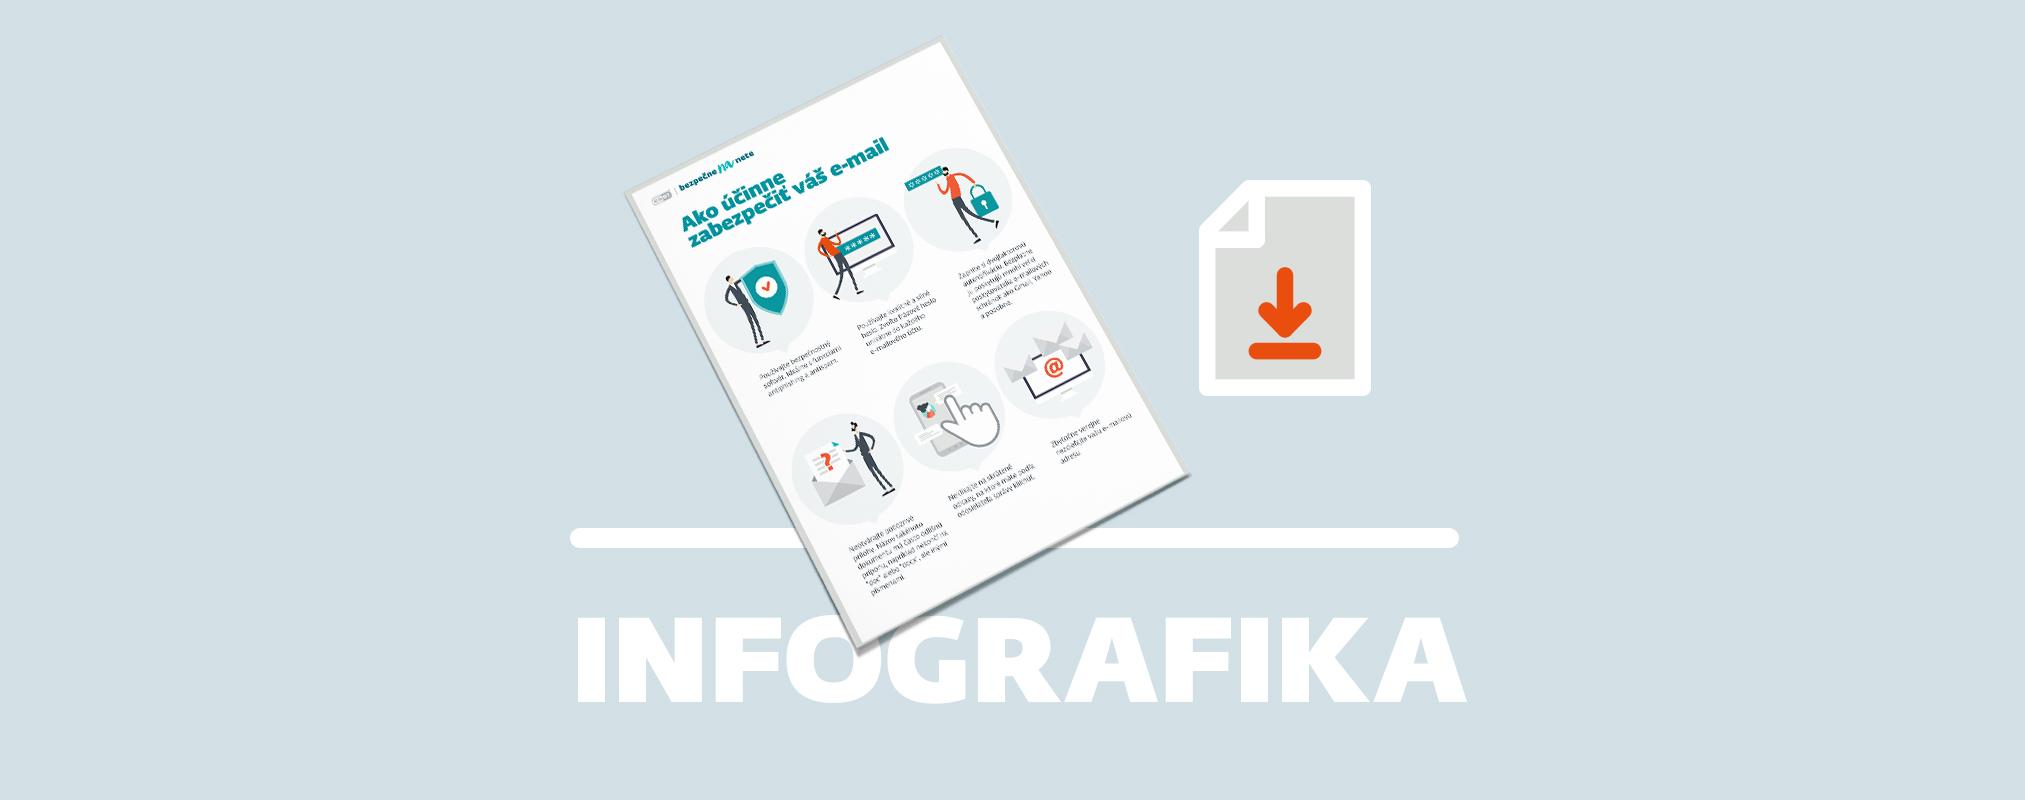 Ako účinne zabezpečiť e-mailovú schránku infografika